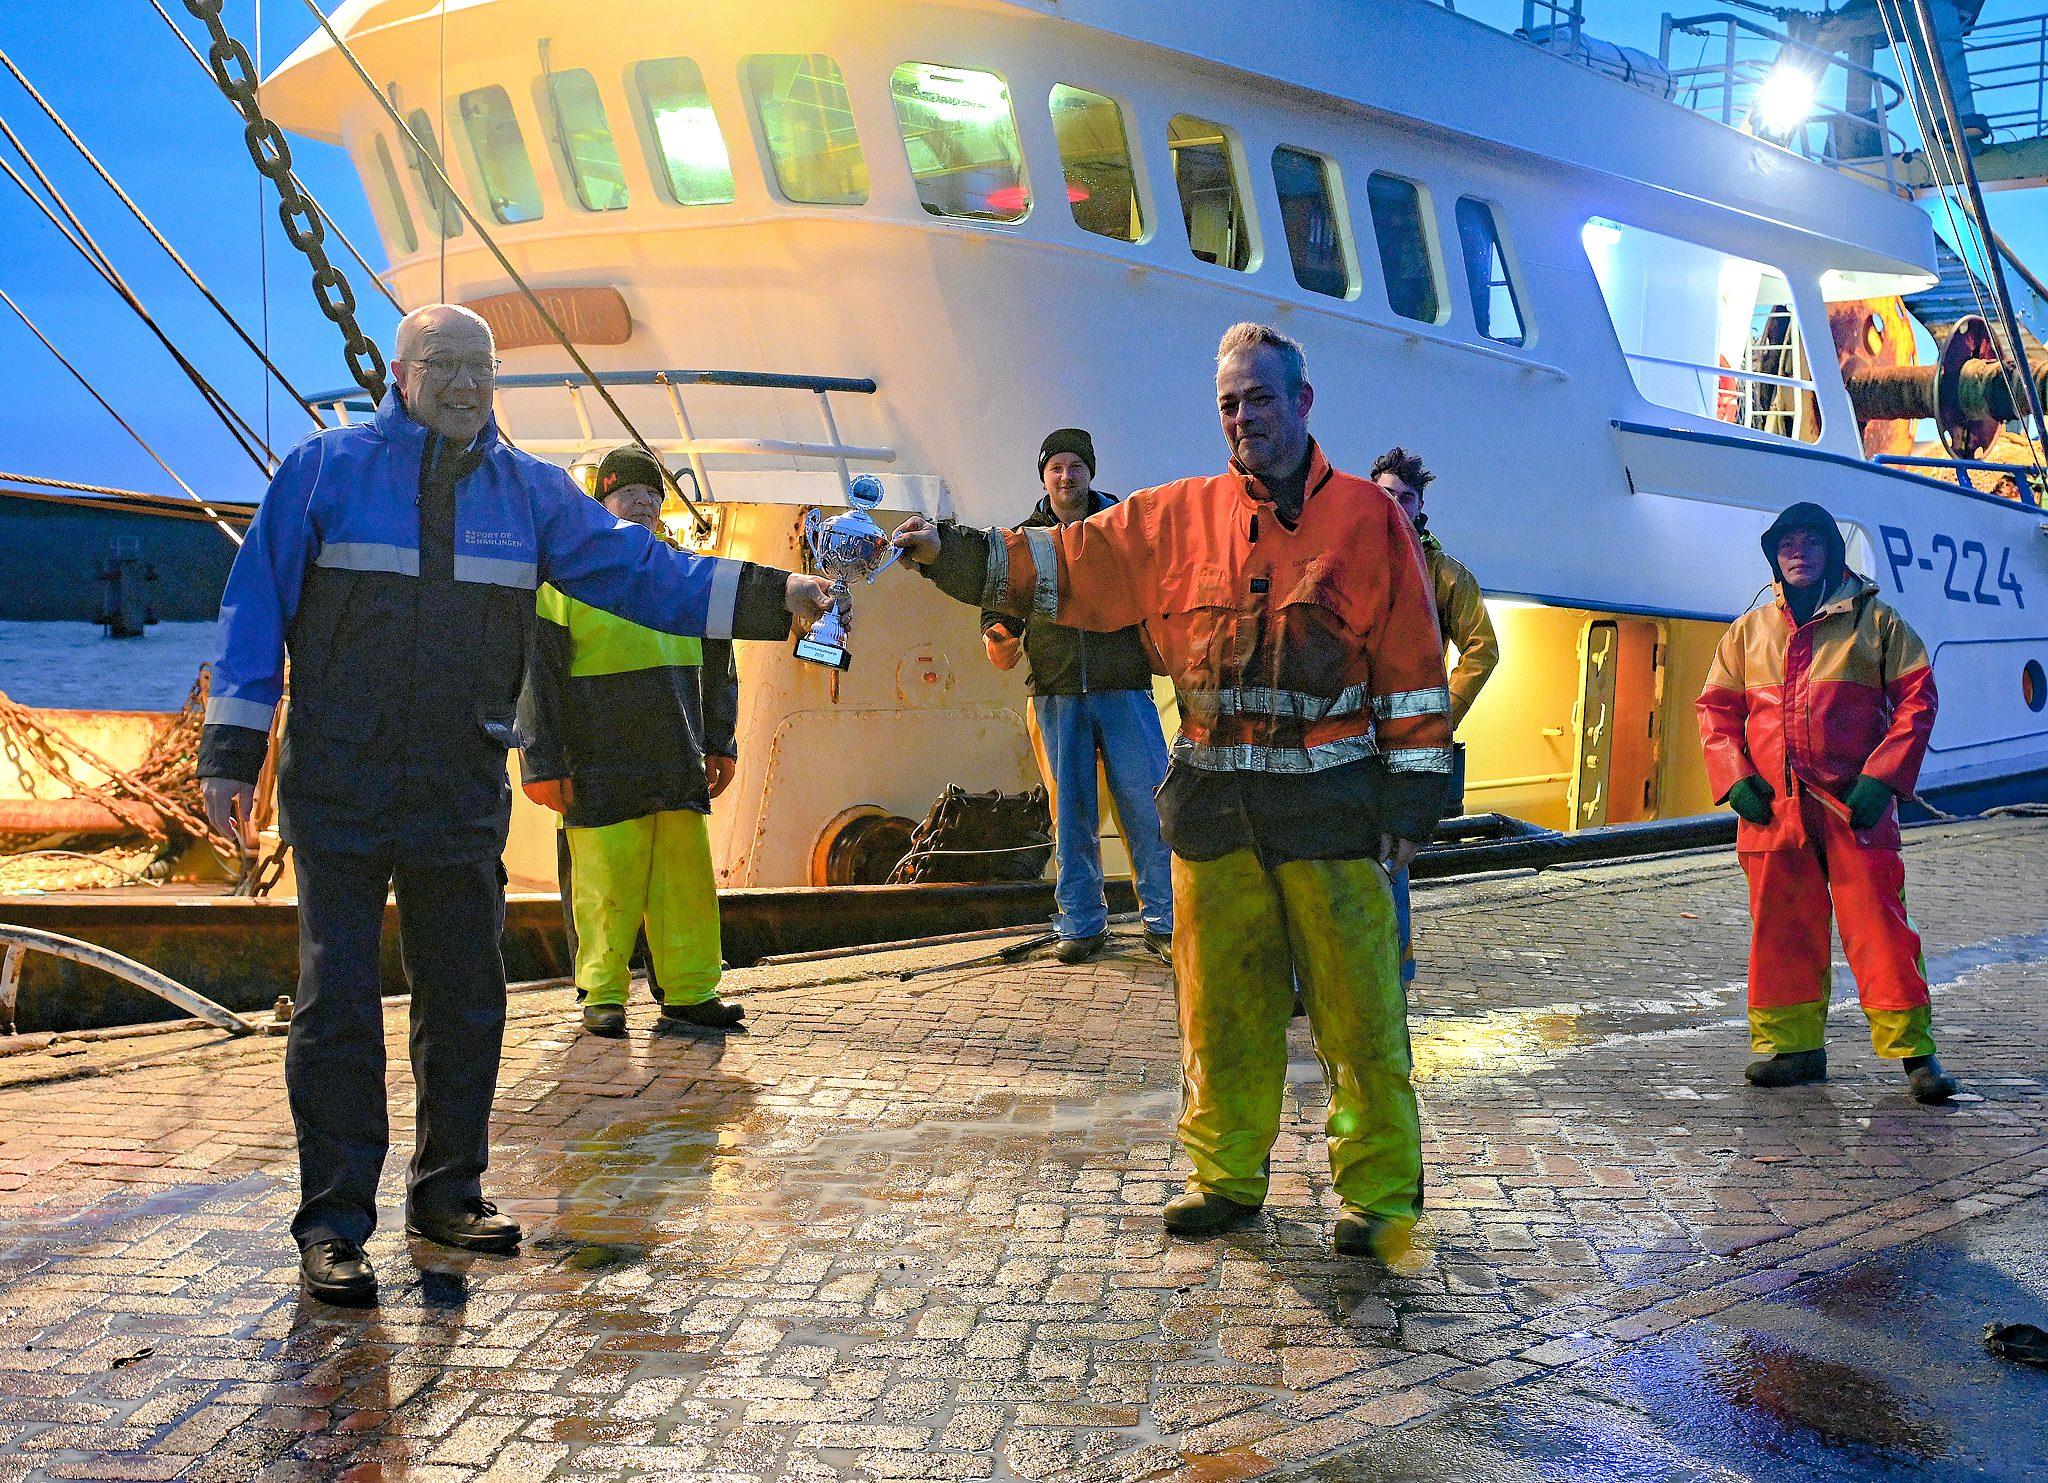 Met inachtneming van de coronaregels ontvangt schipper Nico Gorter (rechts) de 'communicatiebeker' uit handen van havenbeambte Andries Koornstra. (Foto Joachim de Ruijter)